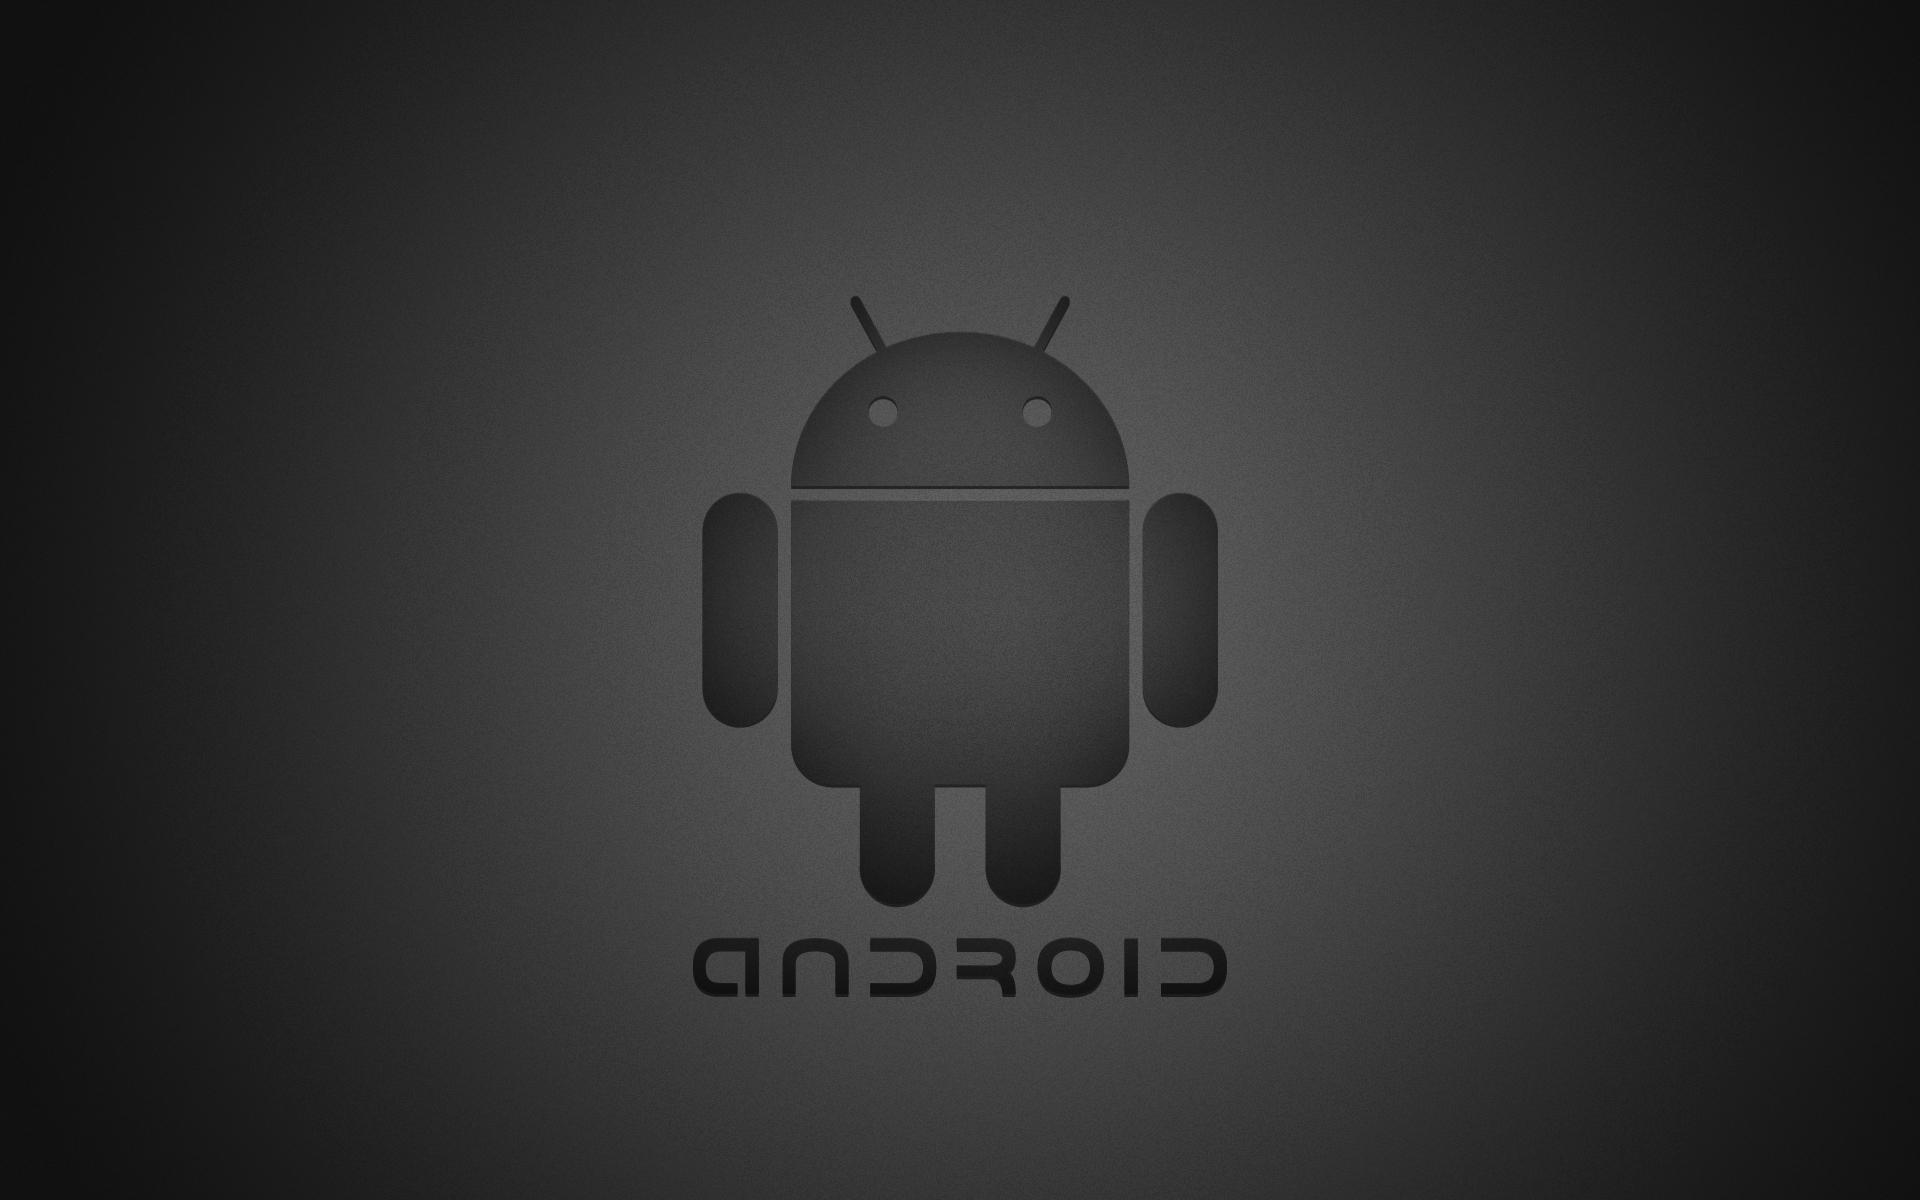 Odin Android скачать